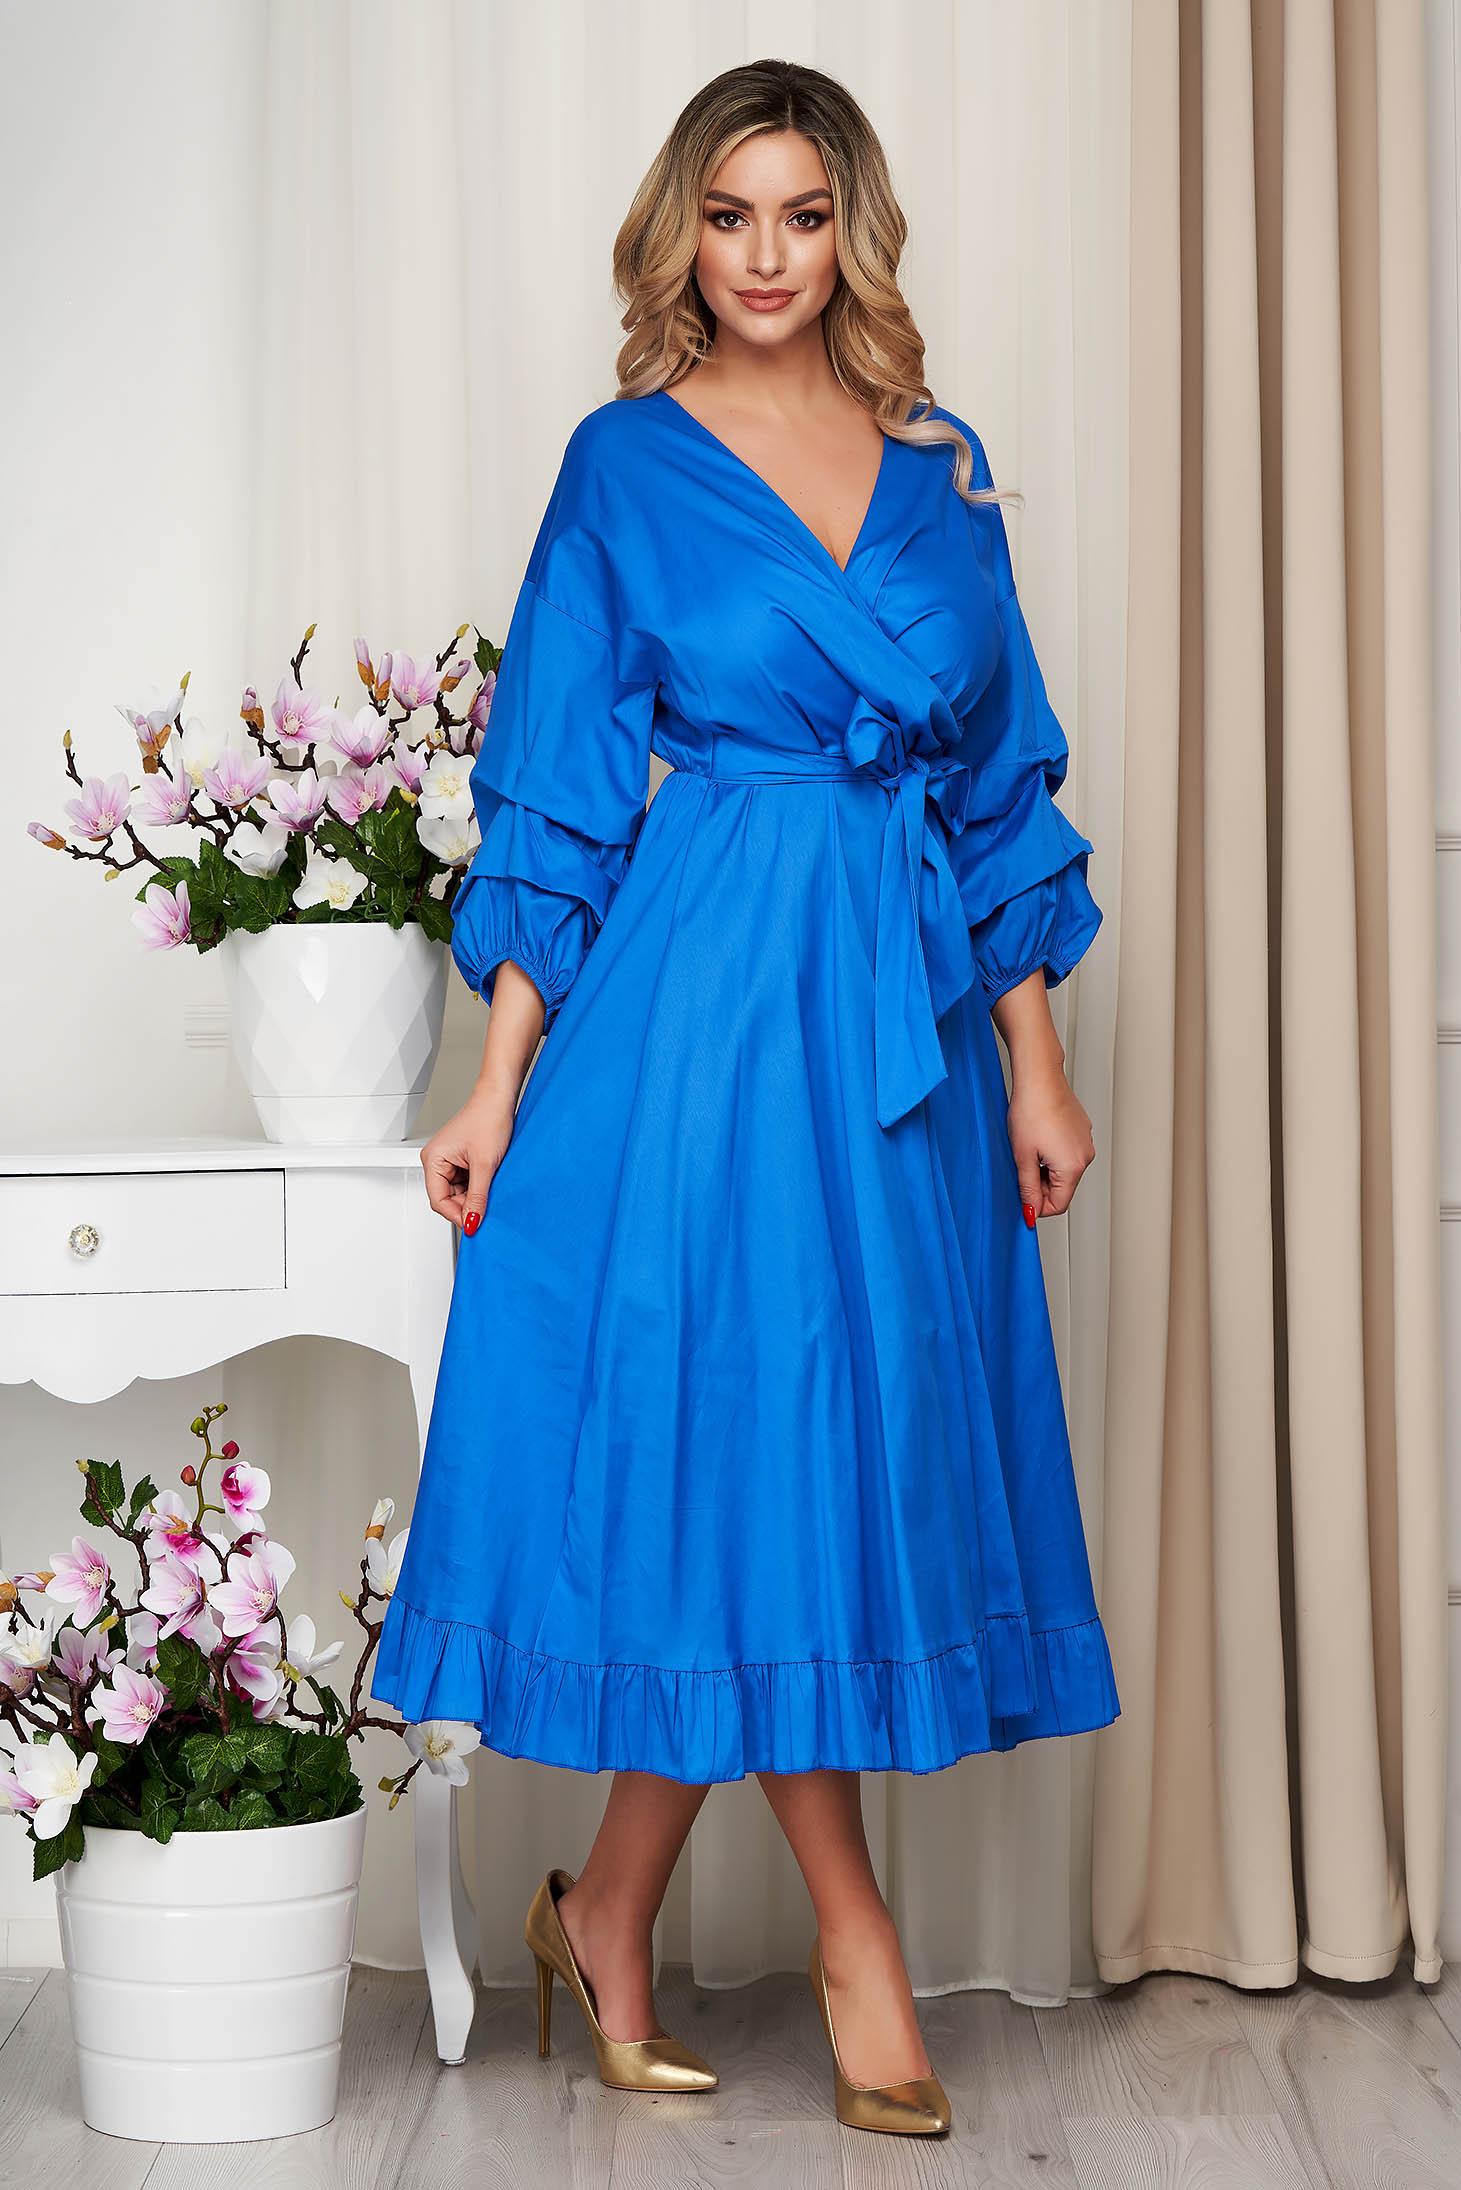 Rochie SunShine albastra din bumbac subtire accesorizata cu cordon clos cu elastic in talie